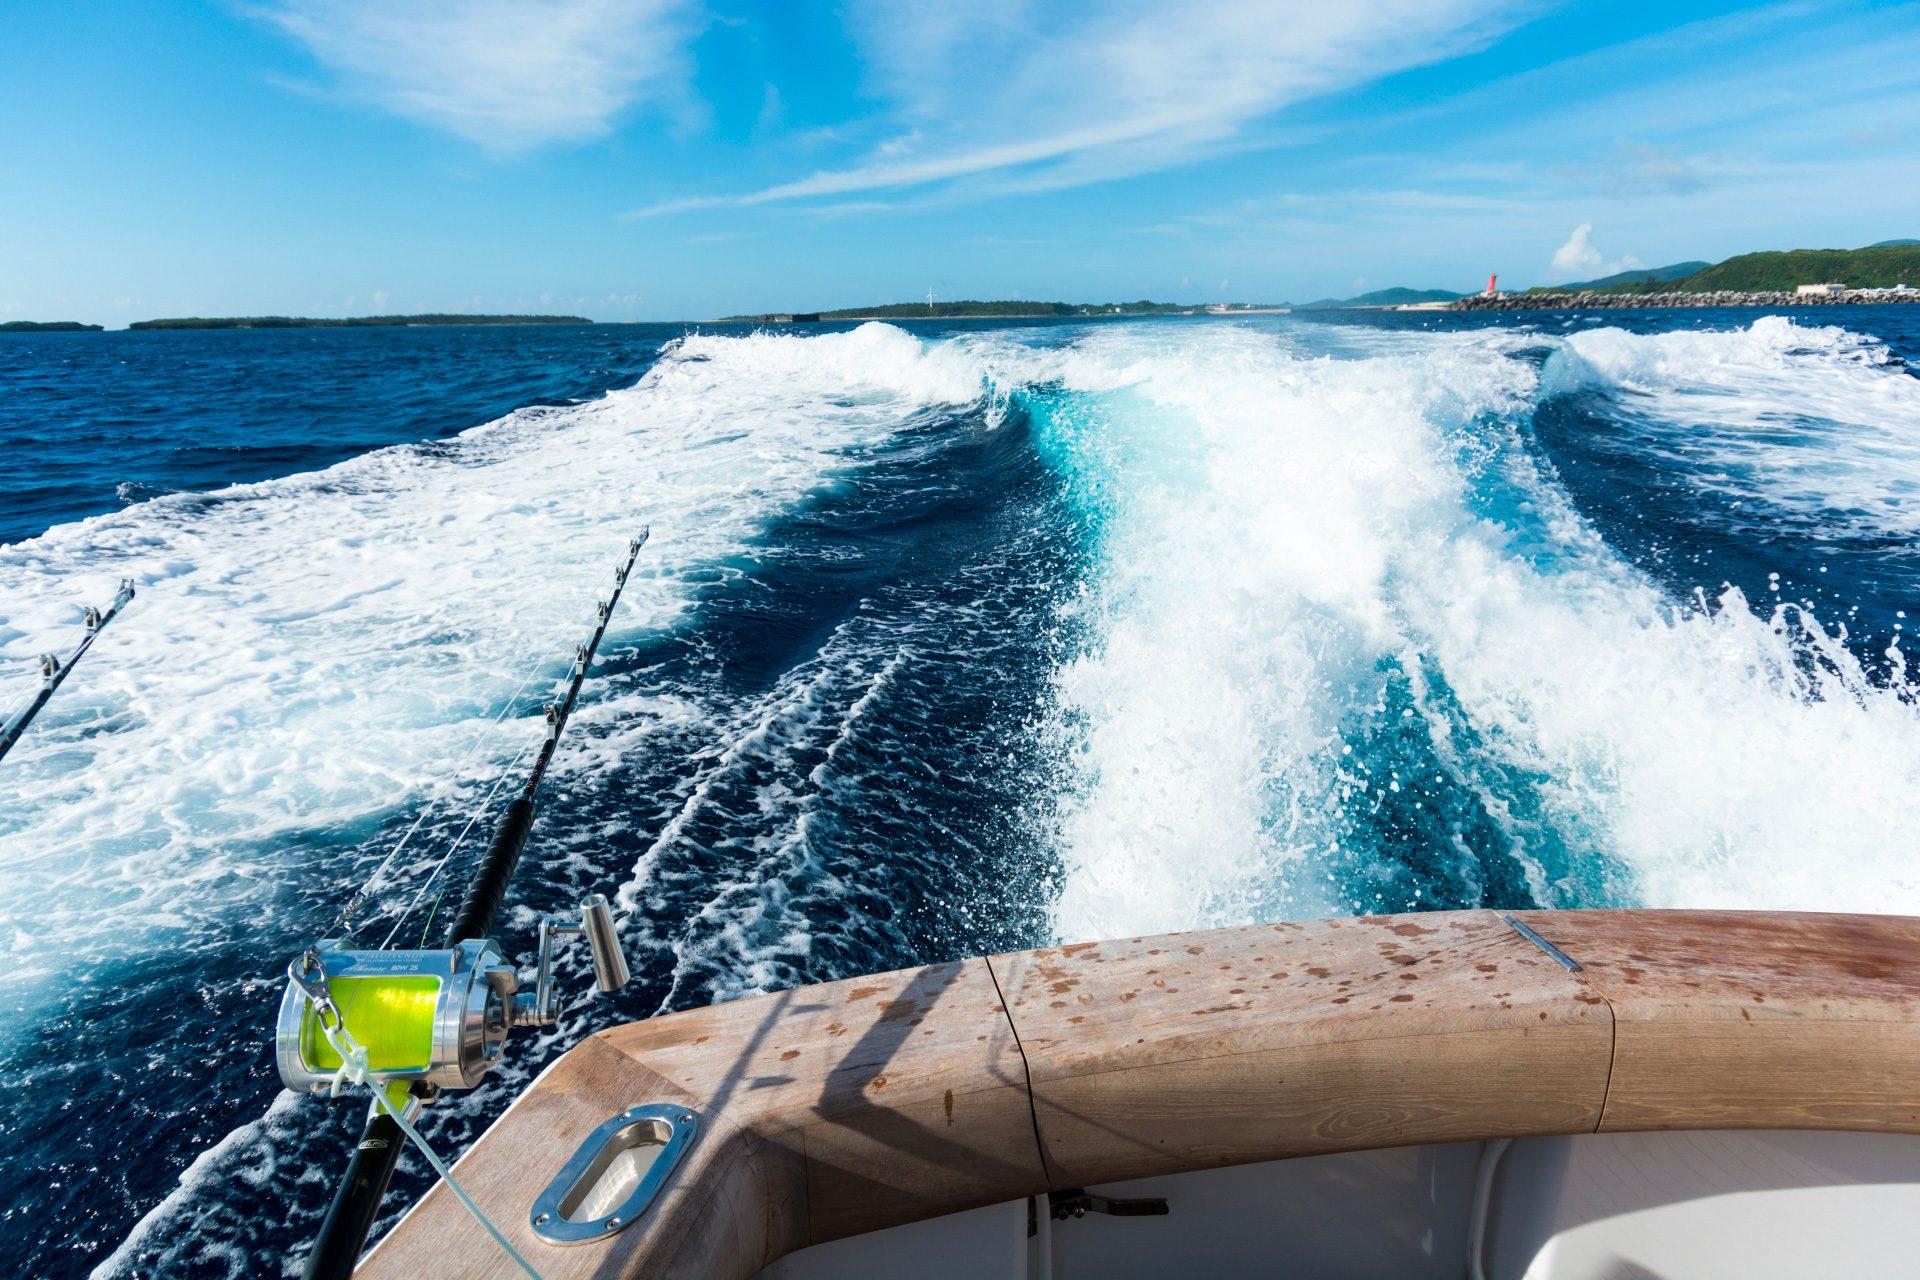 プレジャーボート・釣り・漁船・業務船・船外機・エンジン・パーツ・機器など